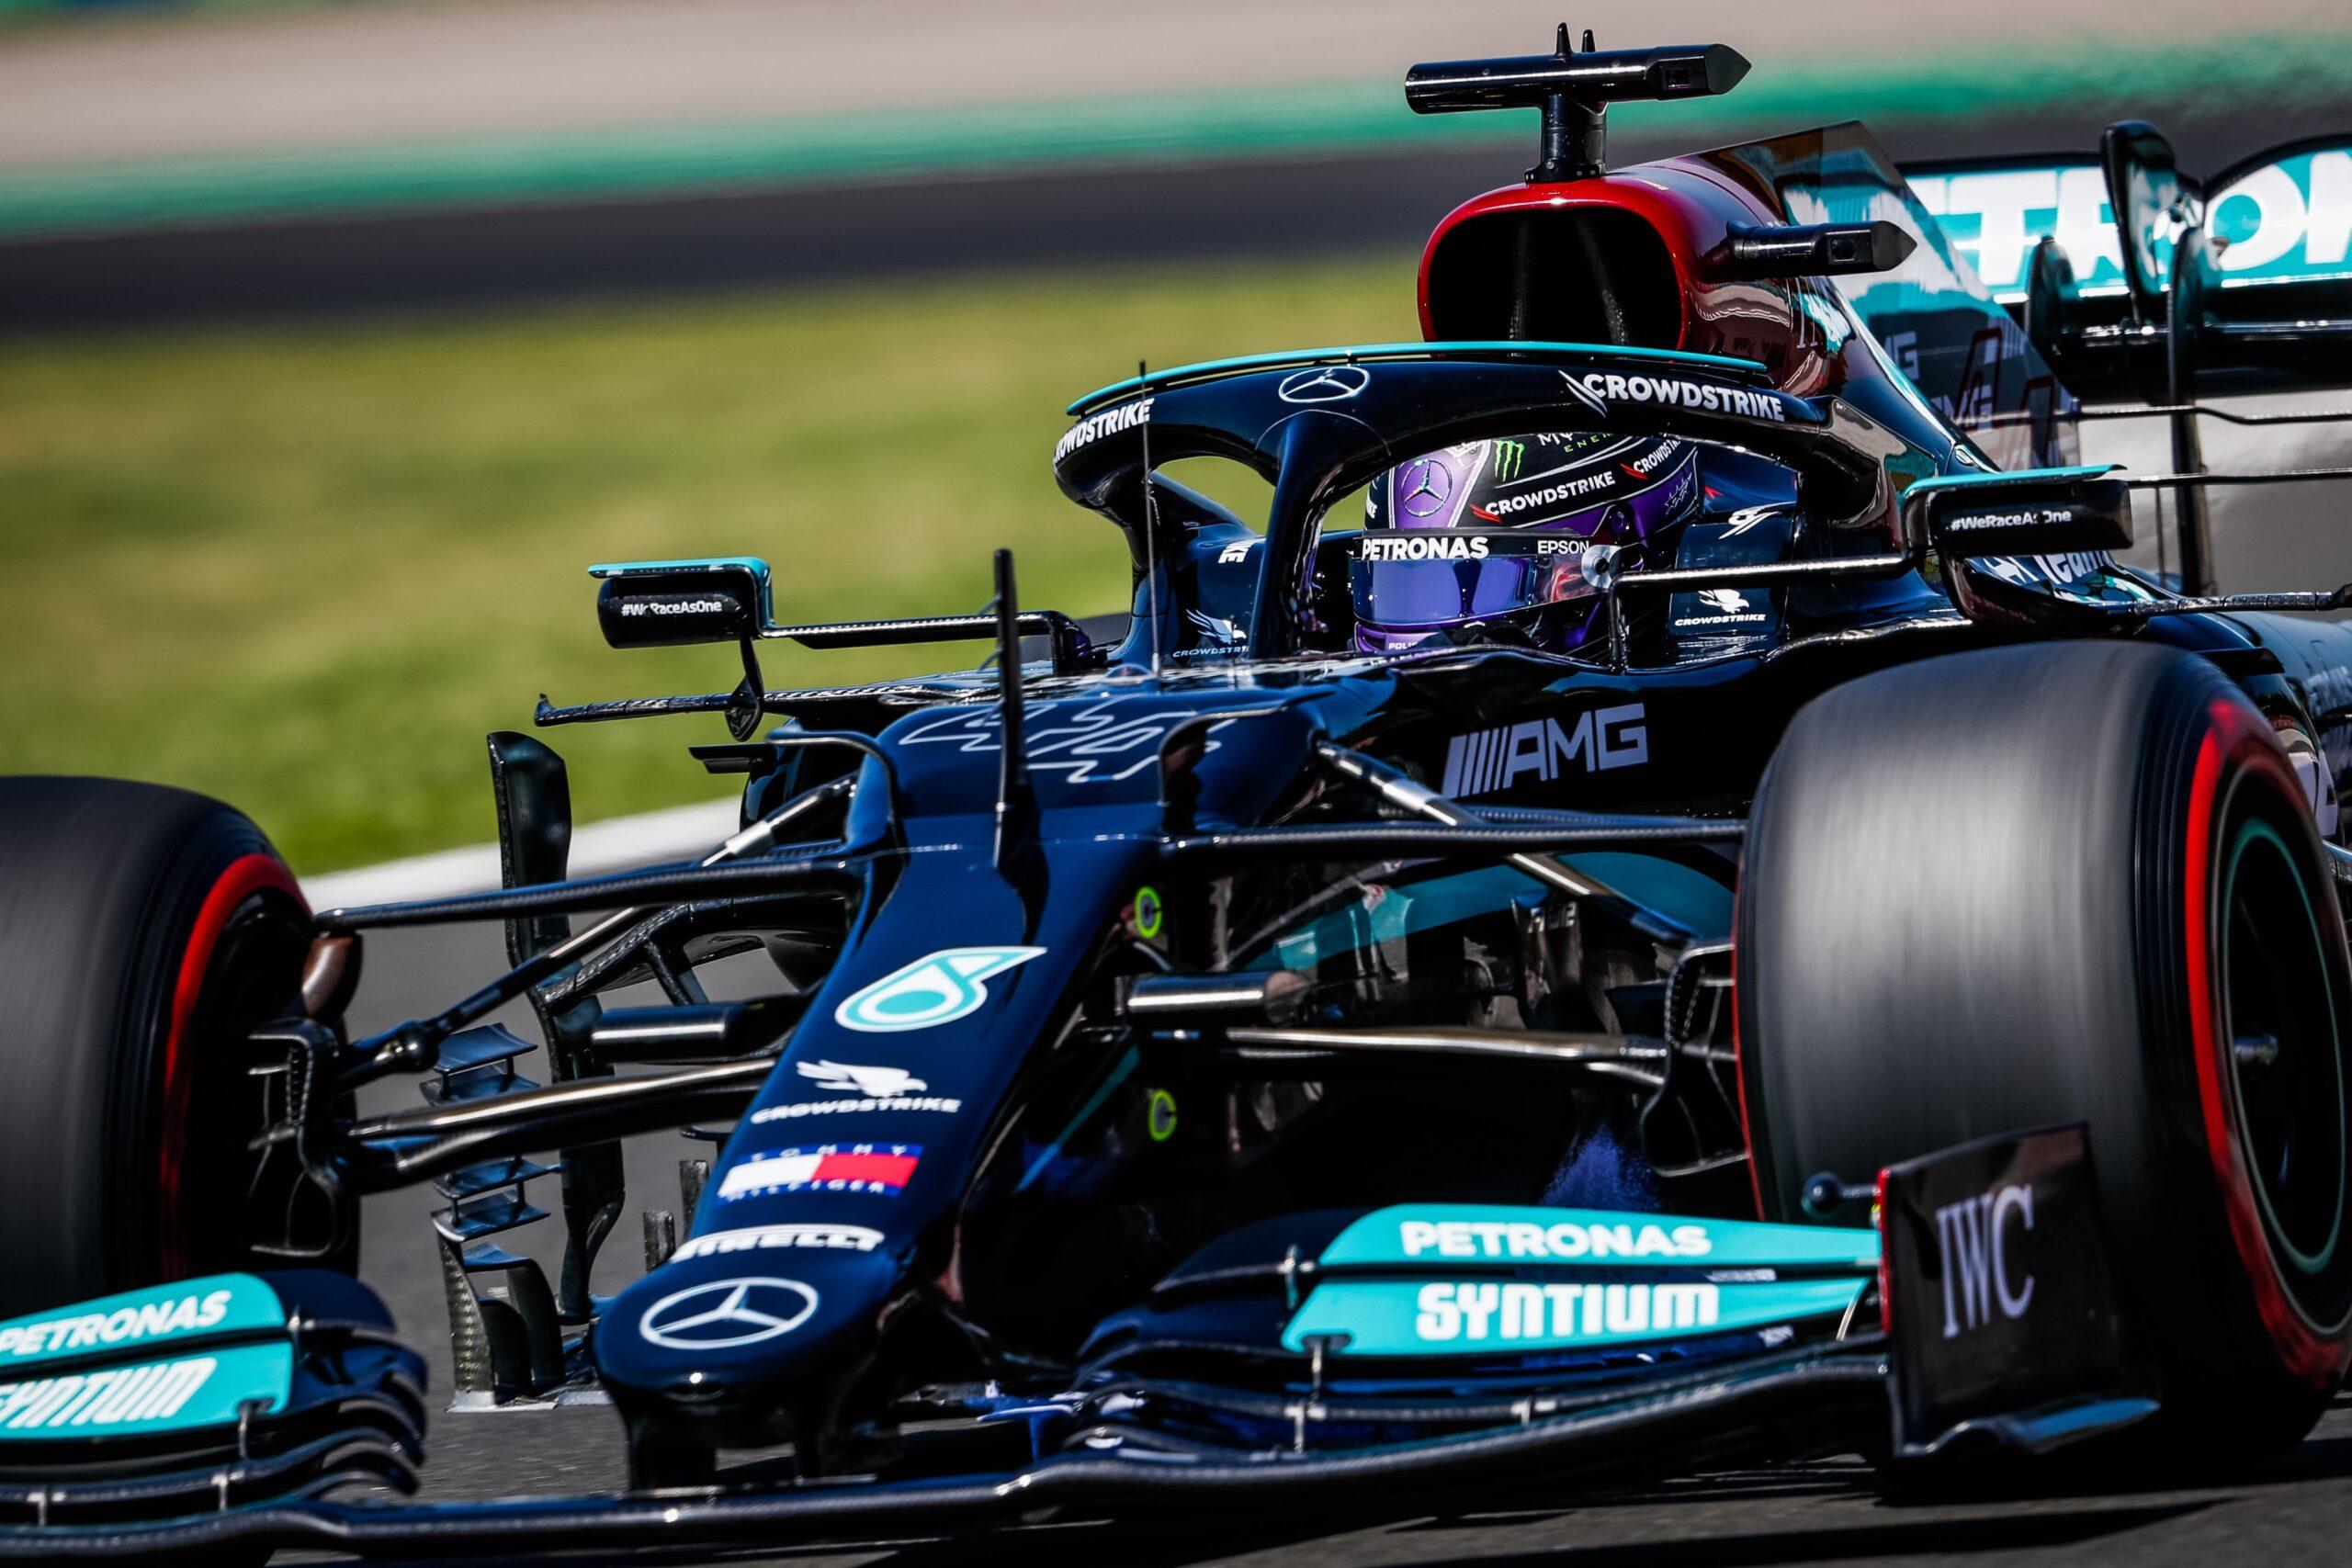 Qualifiche del Gp d'Ungheria: Hamilton in pole, solo una Ferrari in top 10.